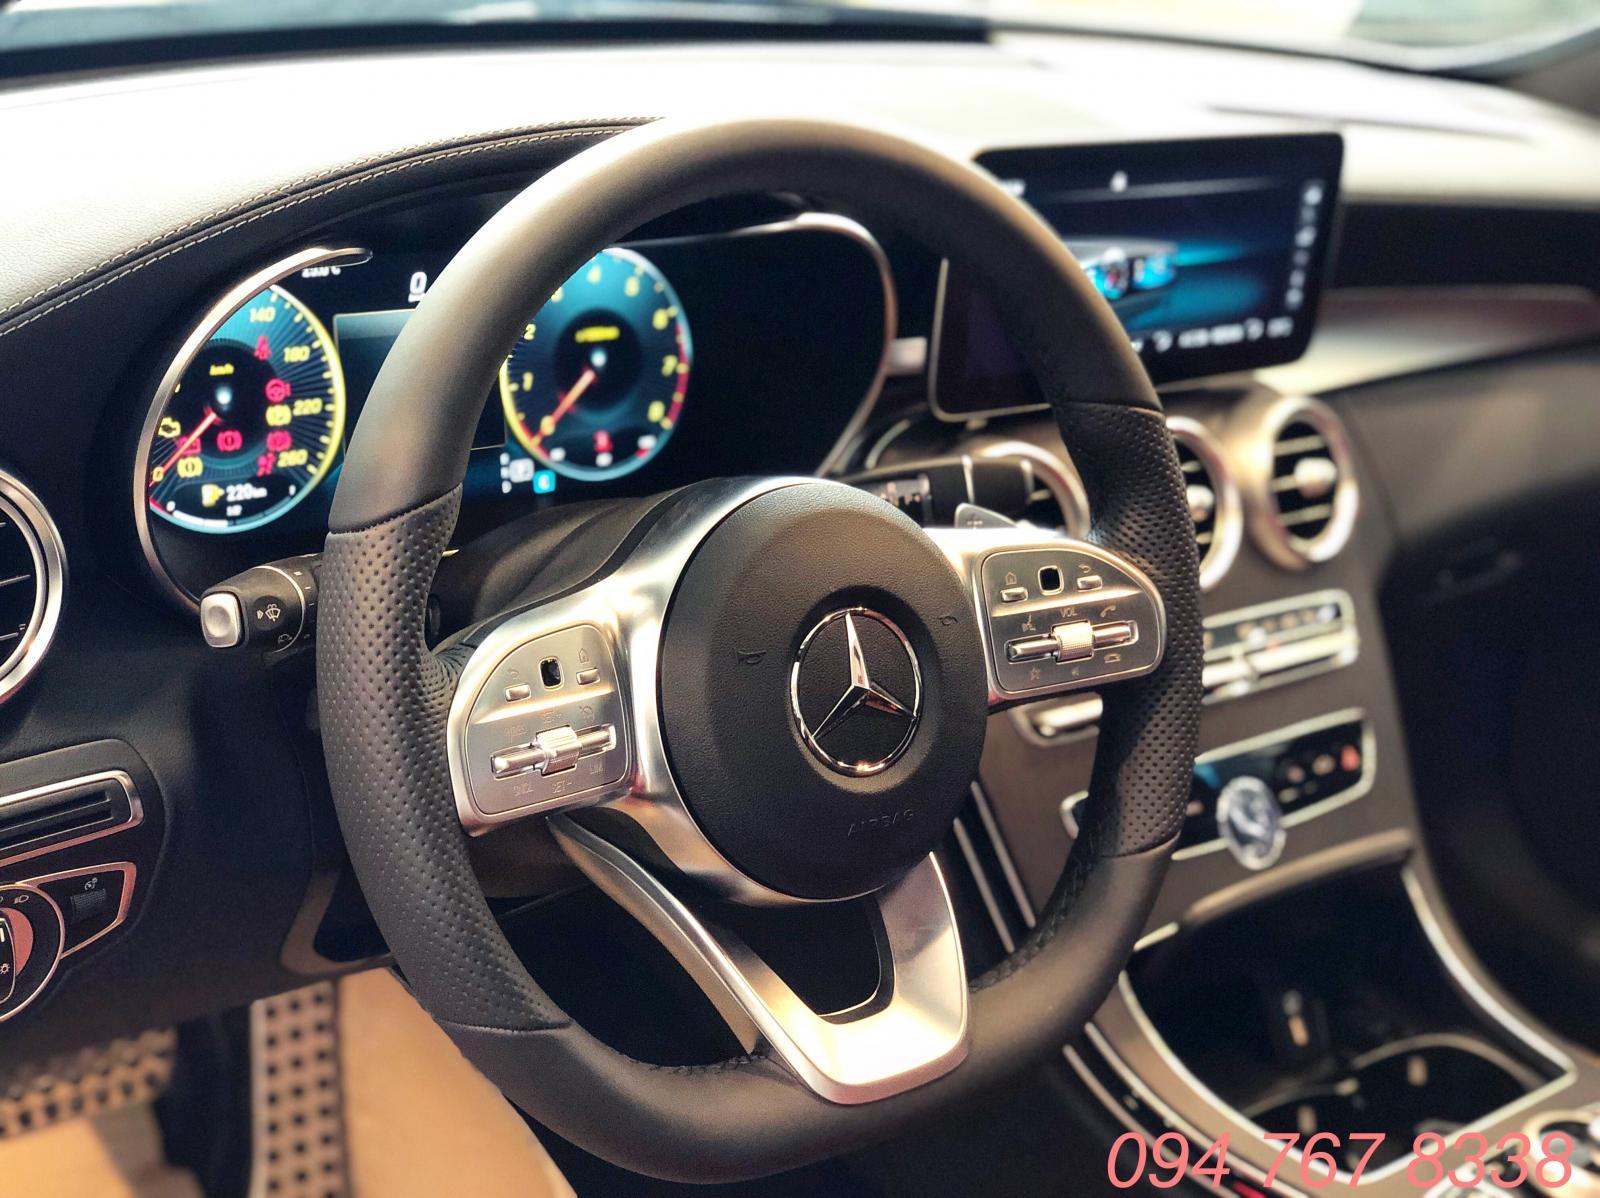 Mercedes C300 AMG 2019 giao ngay giá ưu đãi lớn nhất, mua xe chỉ với 399tr